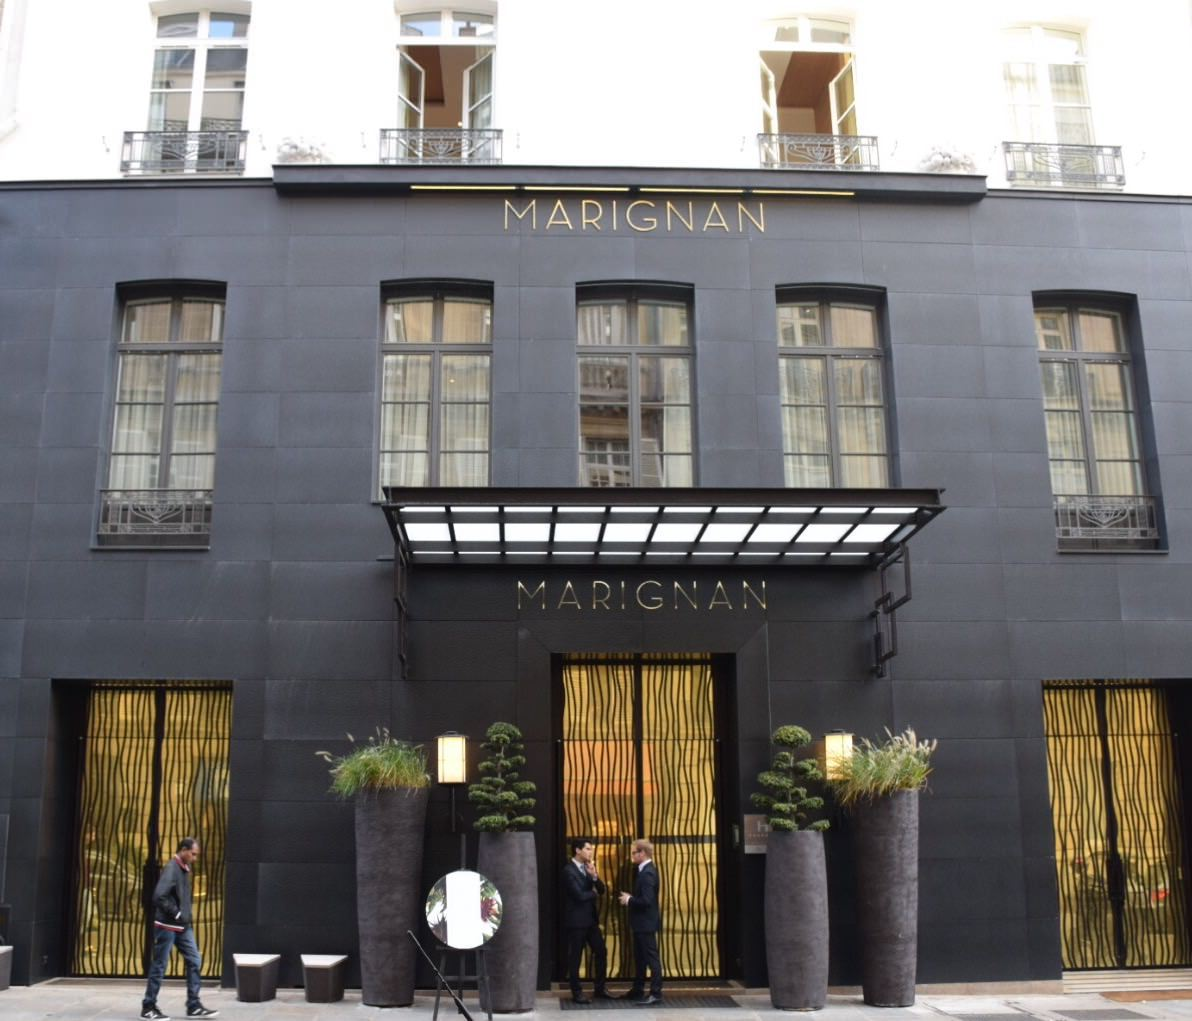 The Hotel Marignan Champs Élysées Paris, France